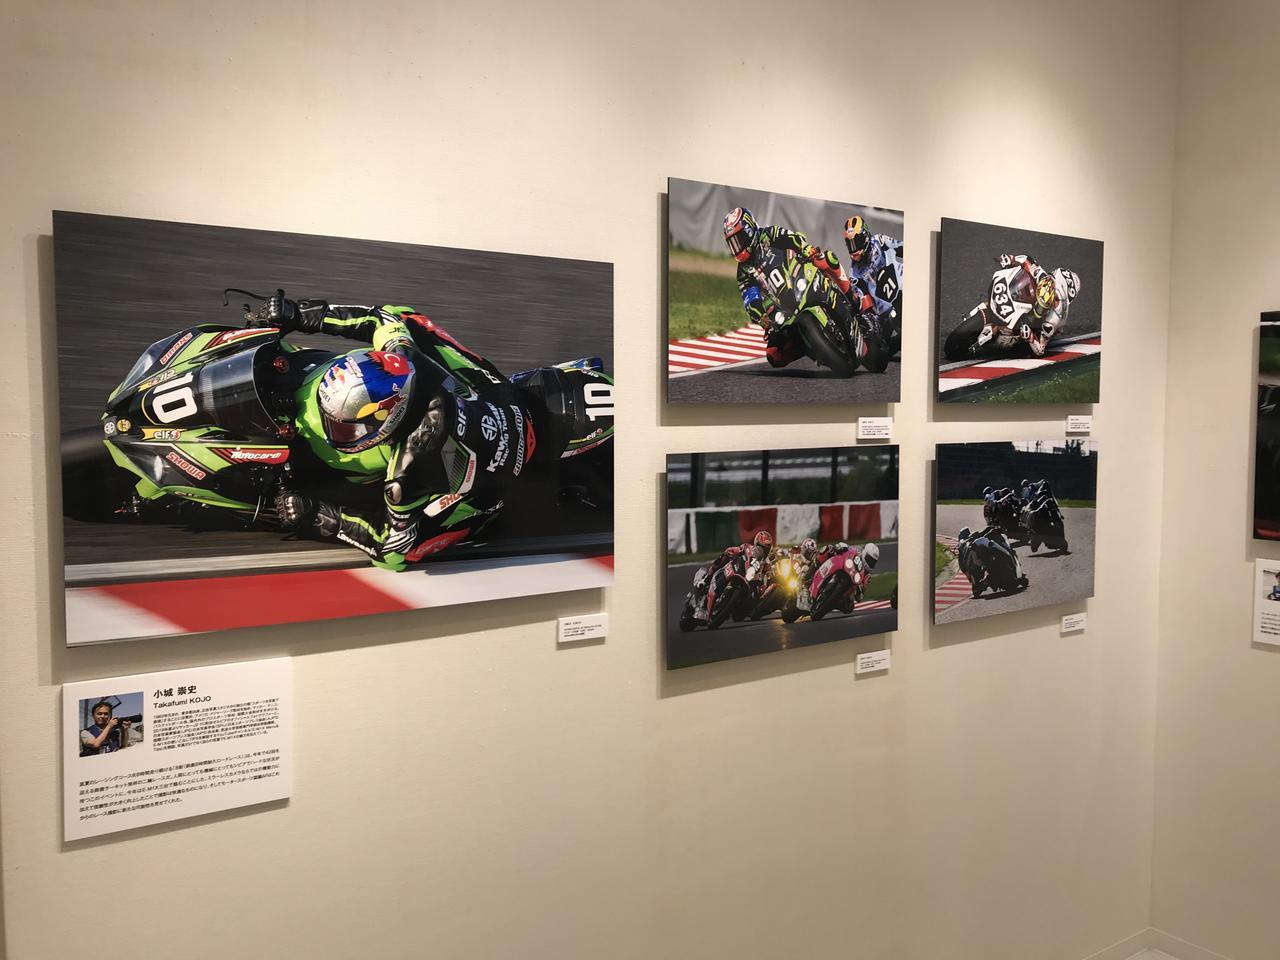 画像3: 井上雅行・小城崇史 写真展「Racing 2&4」がオリンパスプラザ東京クリエイティブウォールで開催中!  9月4日まで。